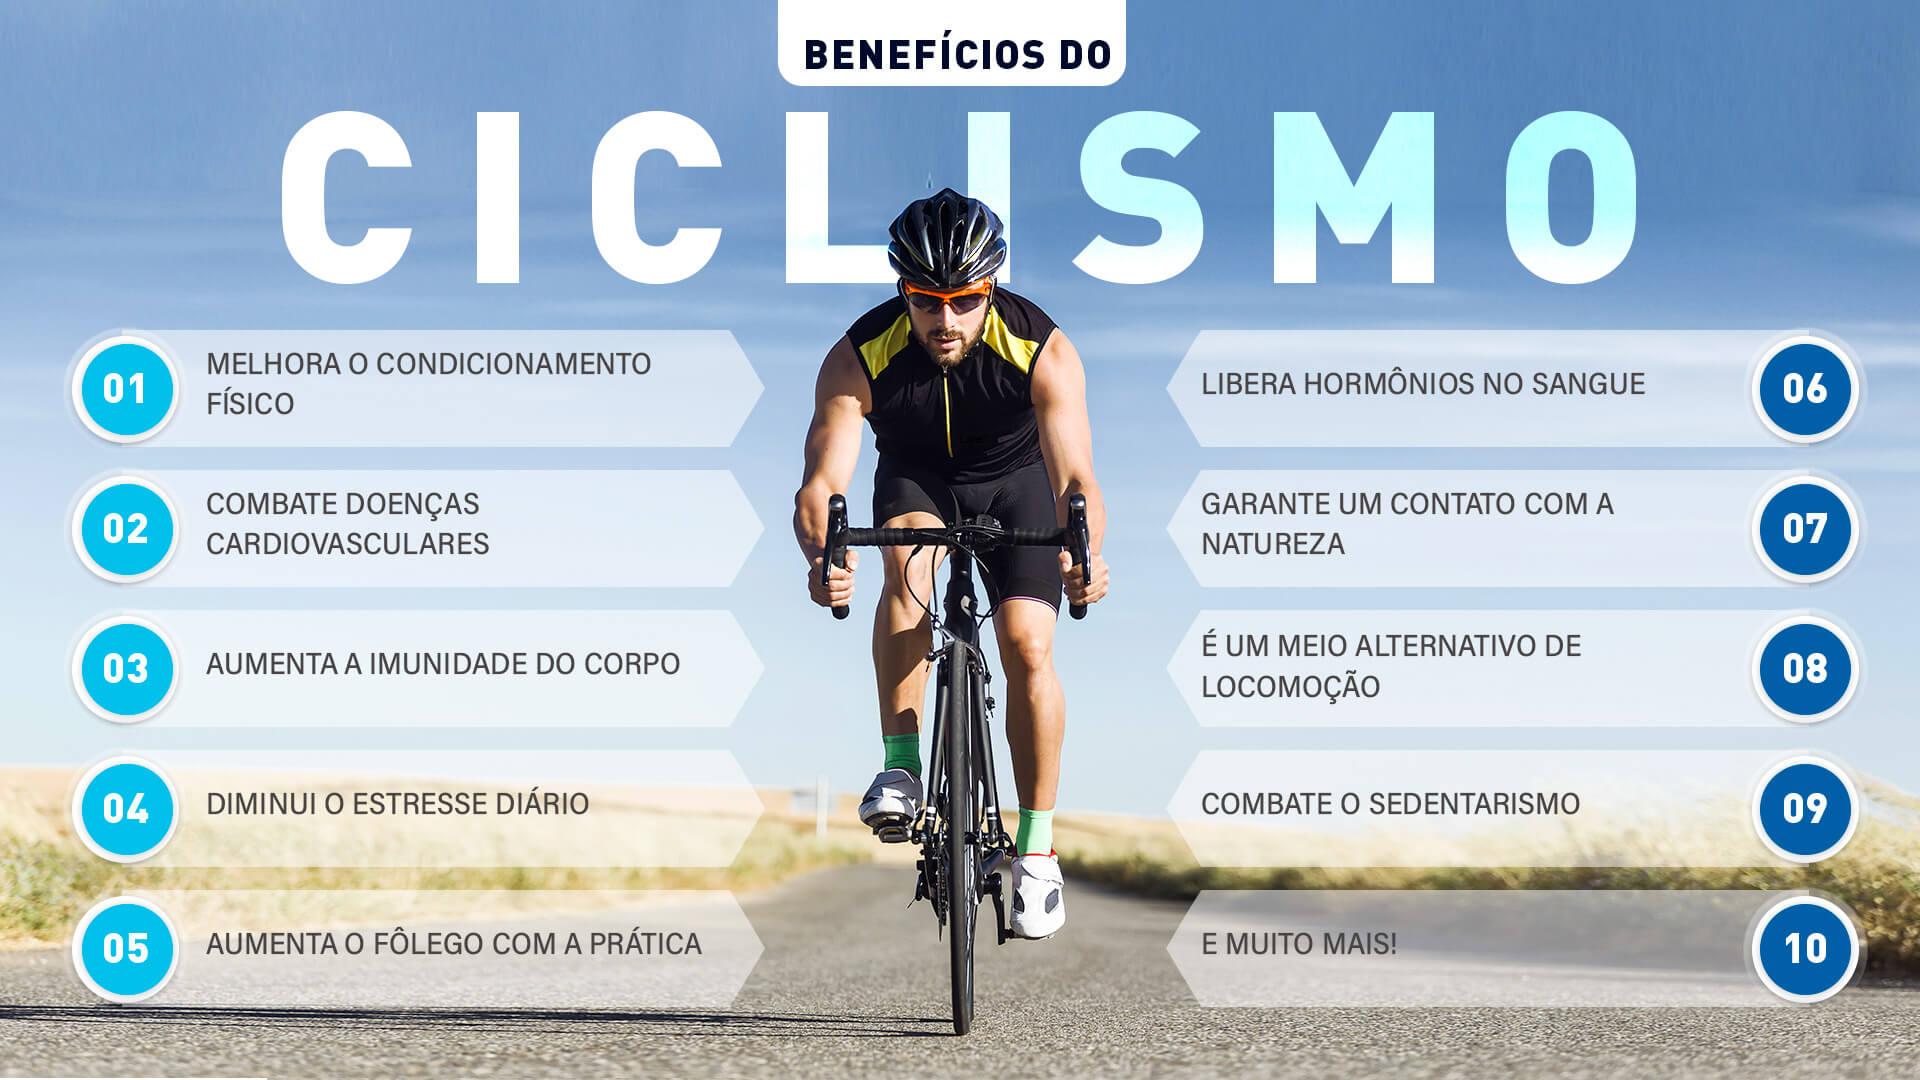 infográfico com os benefícios do ciclismo